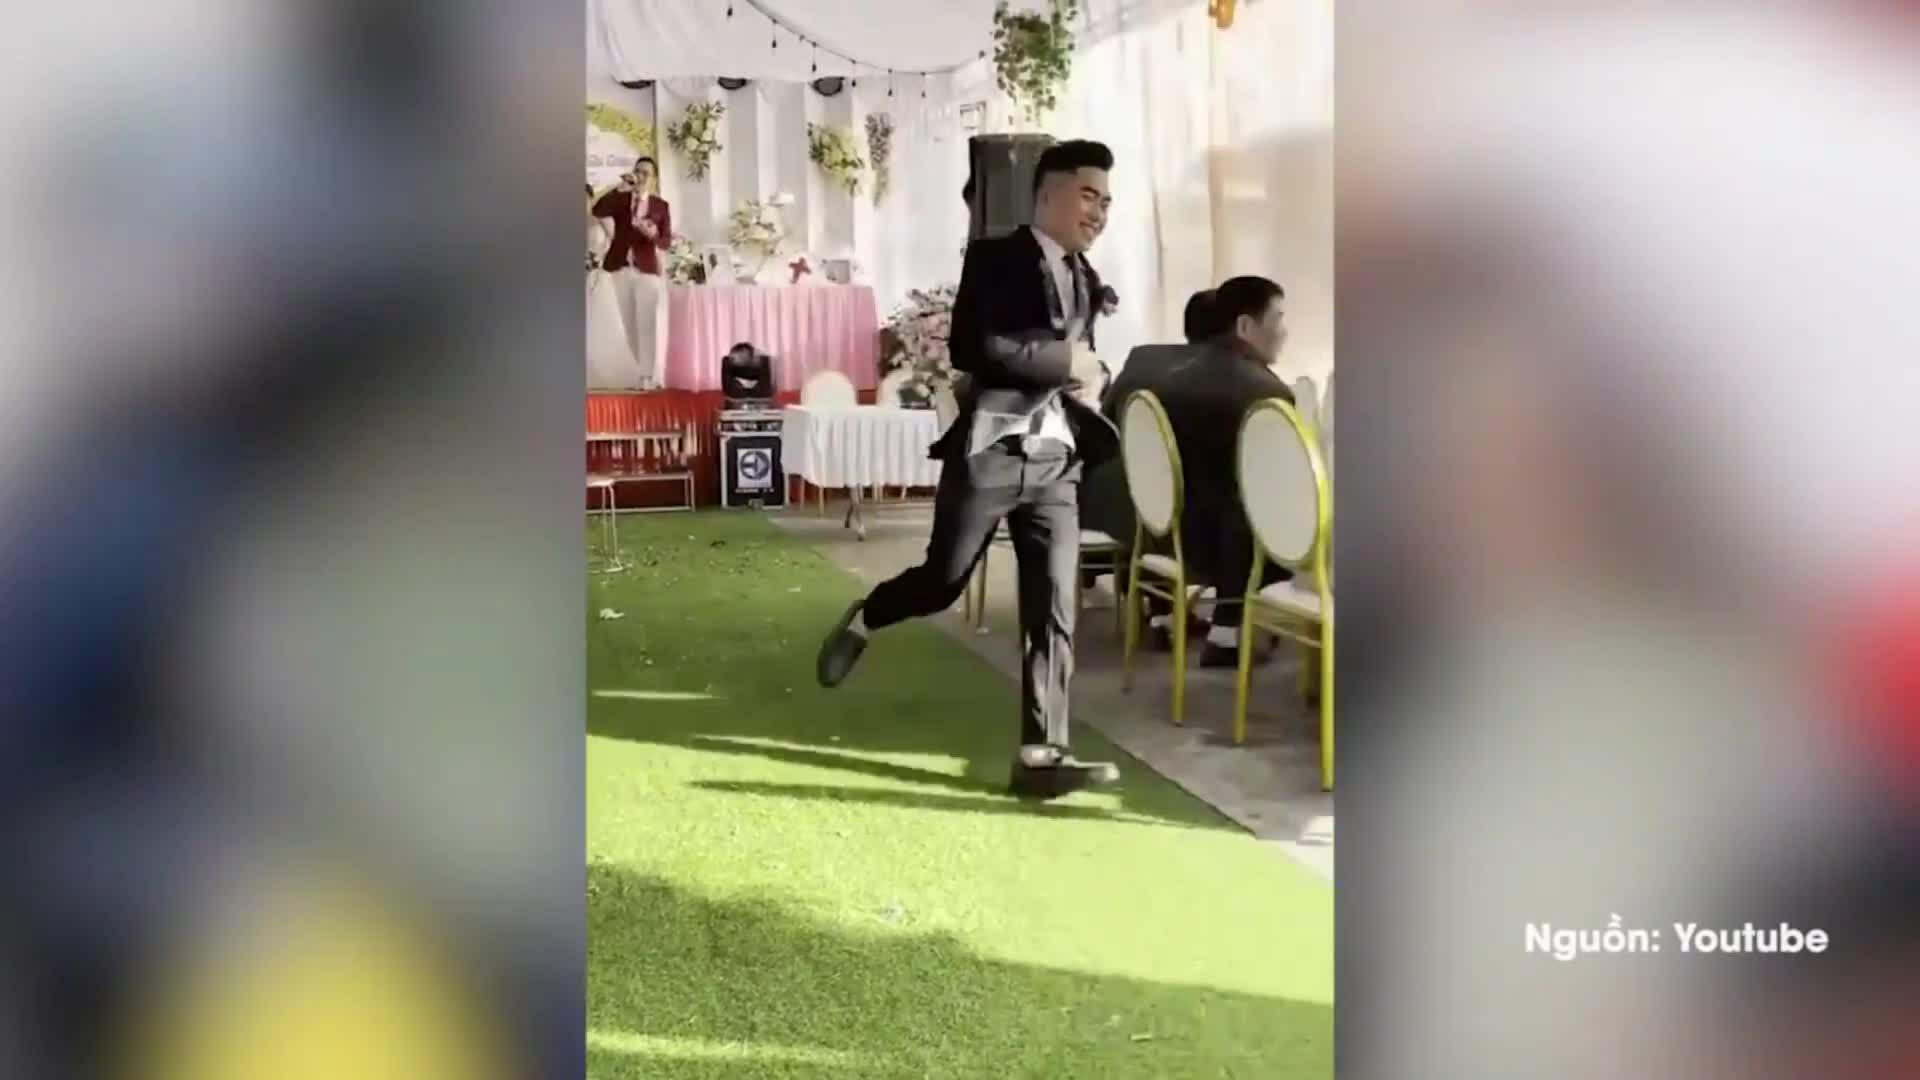 Chú rể chạy đi tìm nhẫn cưới